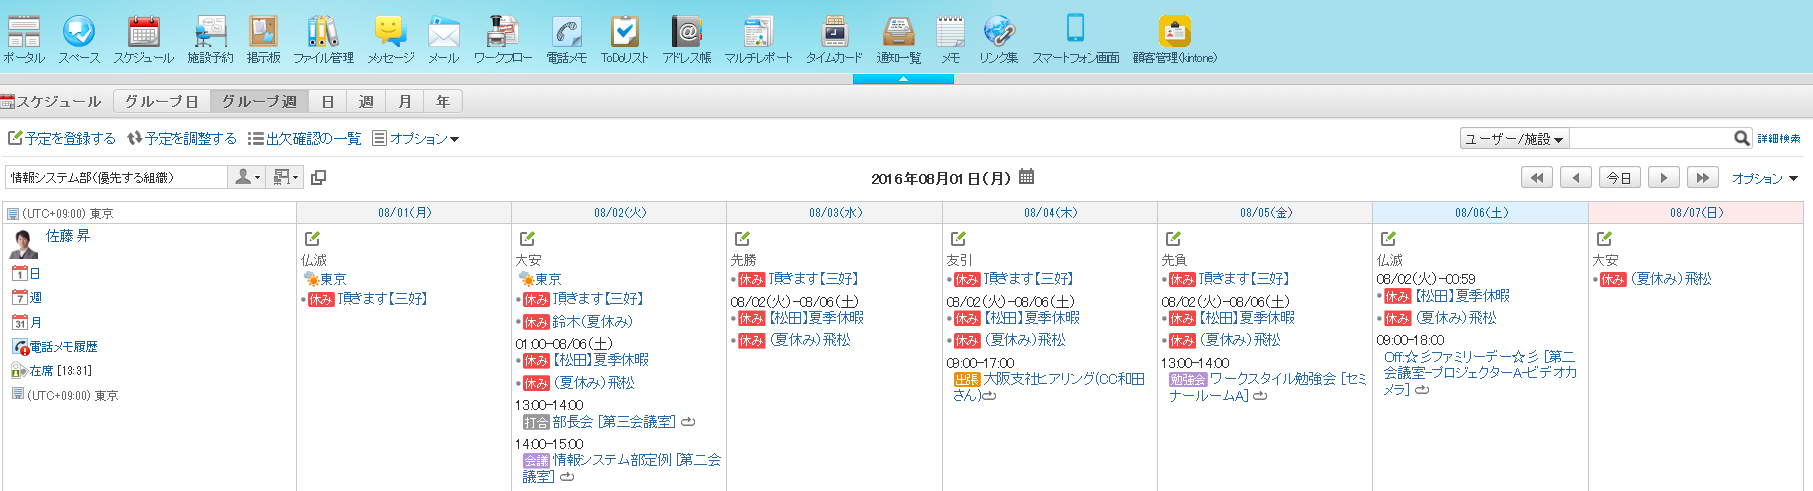 https://enterprise.cybozu.co.jp/sc0175a.png